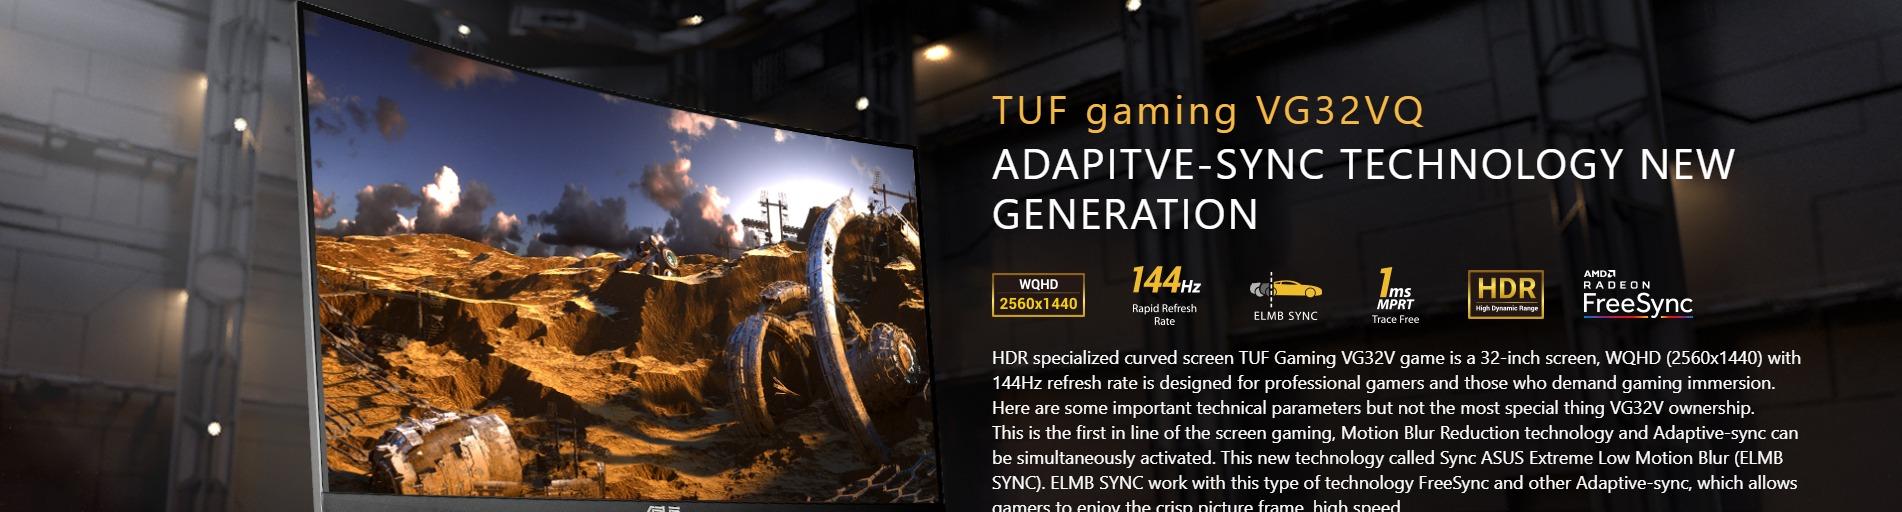 Màn hình Asus TUF VG32VQ adaptive sync